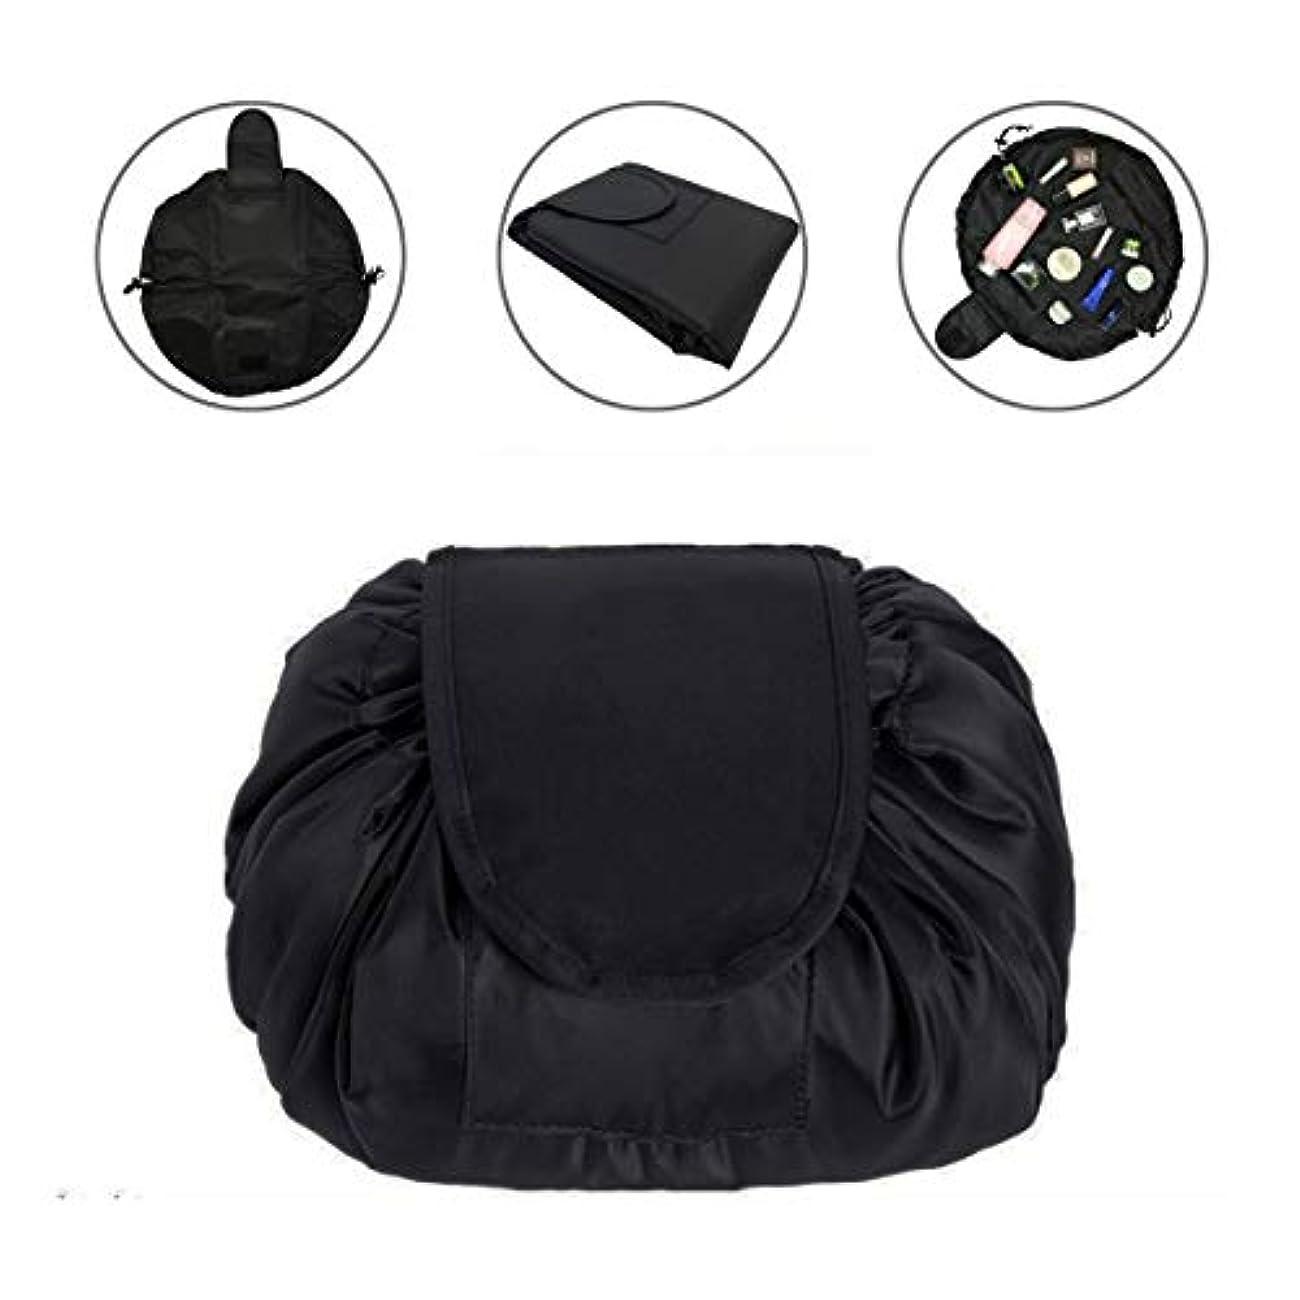 ポケット縁好むLAFALA 化粧バッグ 化粧ポーチ メイクバッグ 化粧品収納バッグ 折畳式 巾着型 収納携帯用 便利 防水的 旅行 容量大きい 格好いい おしゃれ 黒色 お勧め